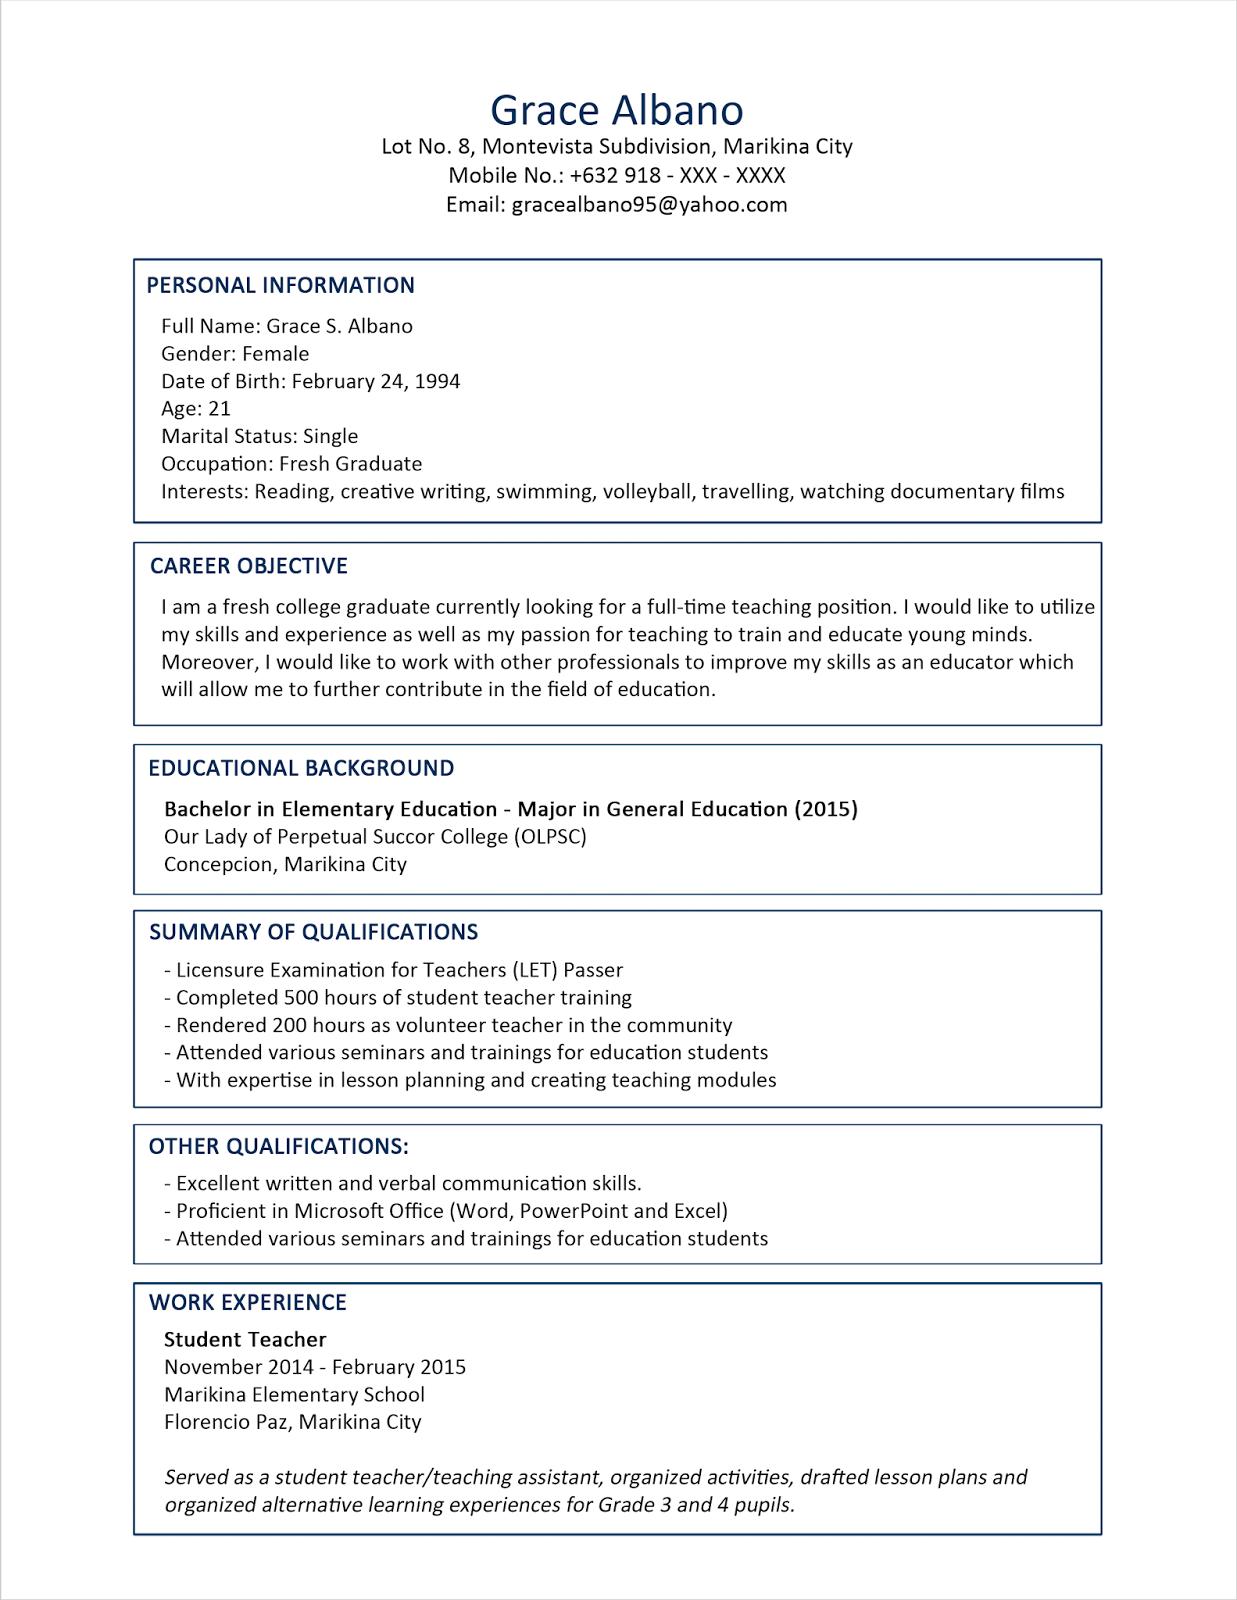 Cara Membuat Resume Ringkas Resume Contoh Pdf Legal Stu s Resume